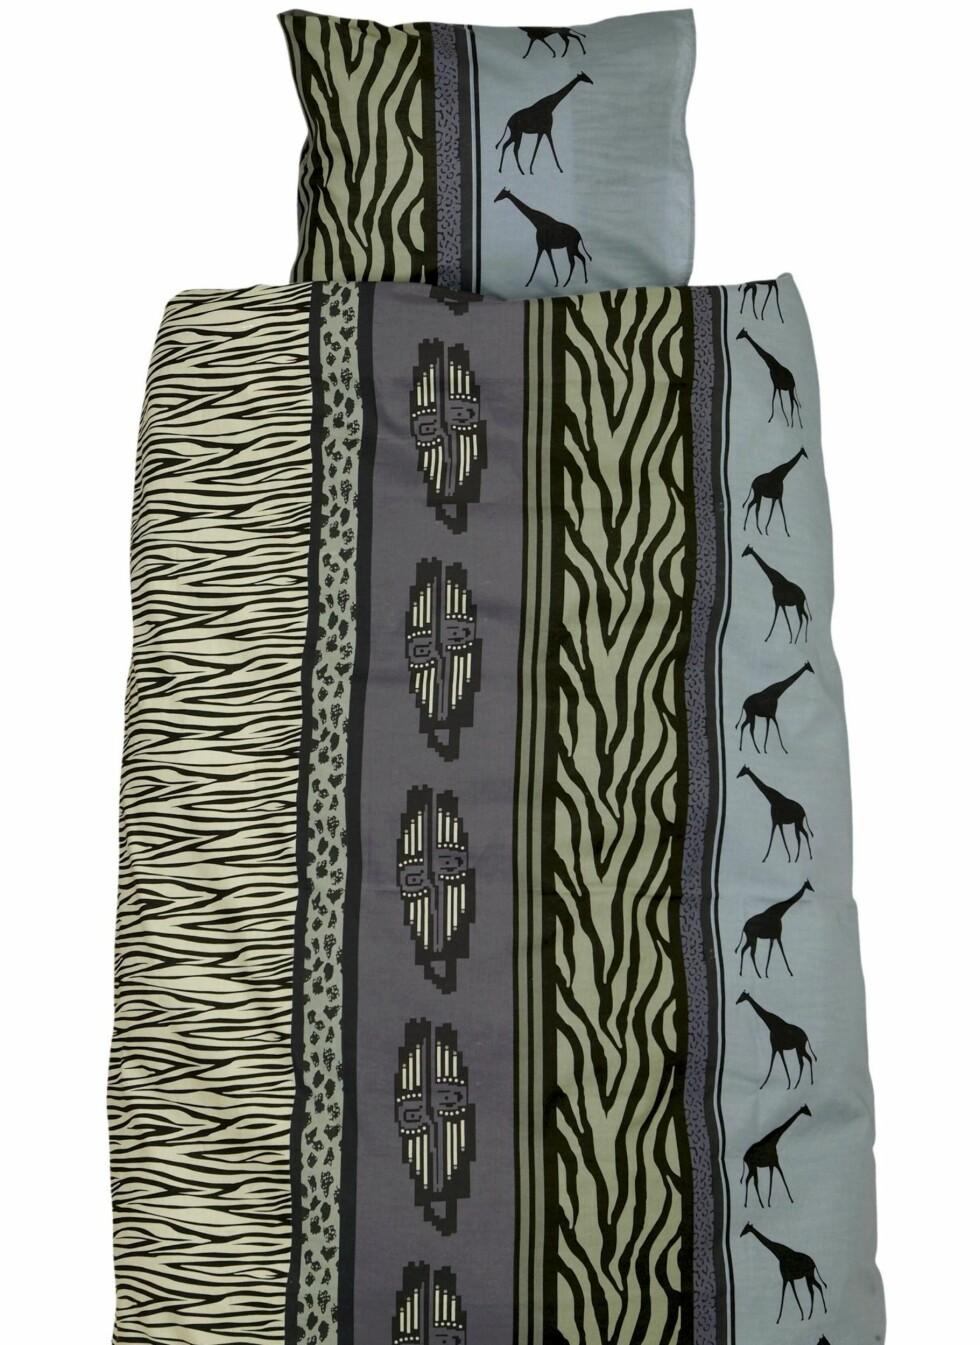 Sengesett med afrikanskinspirert mønster, Ellos, kr 199.  Foto: Produsenten